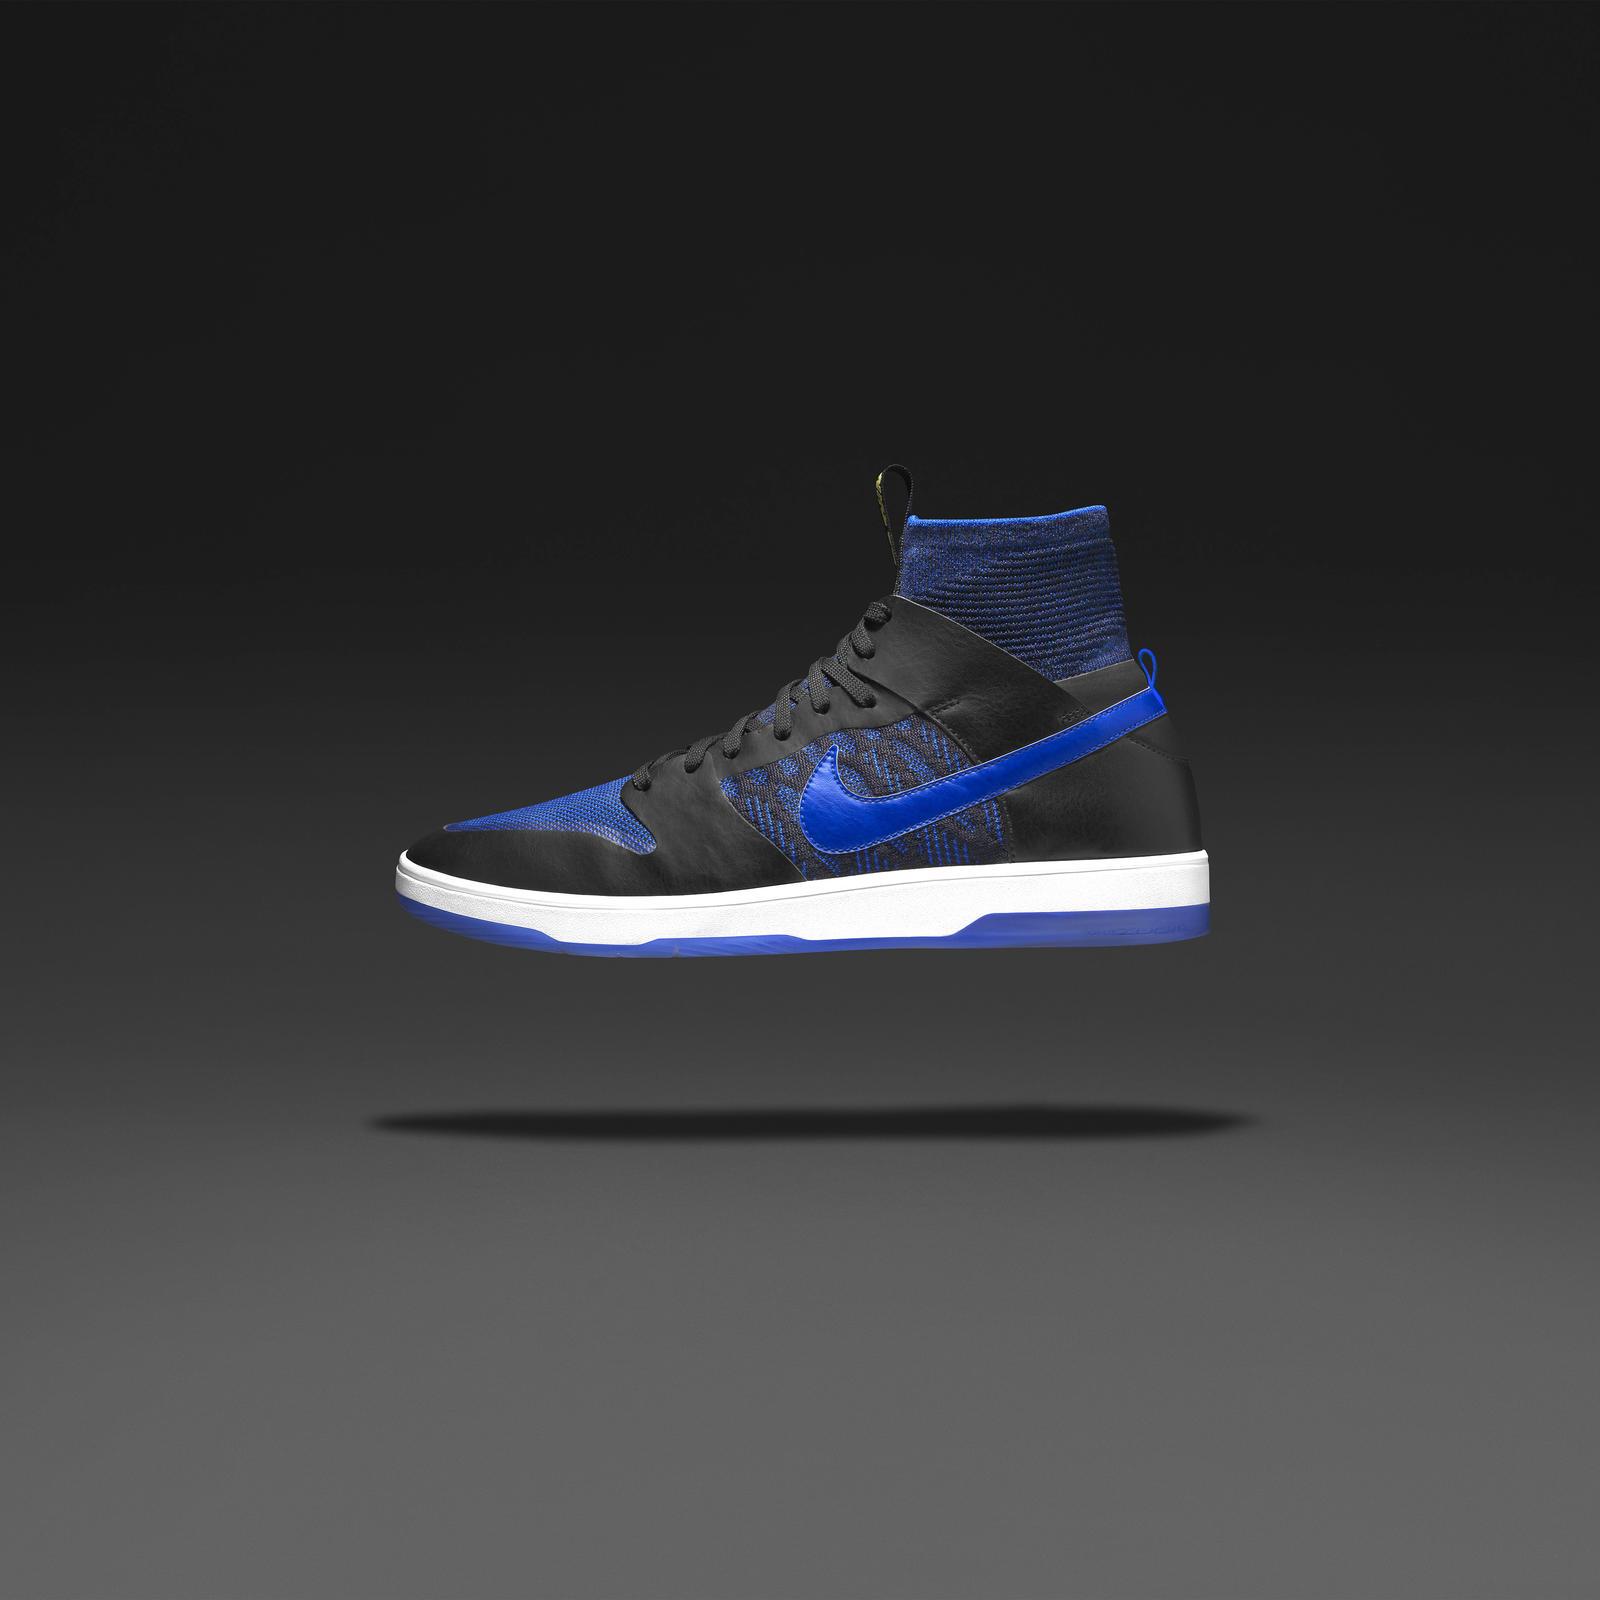 Cómo Los Diseñadores De Nike Sb Zapatos Sacudió Uno De Nike Zapatos Sb Más Clásicos d2bd72